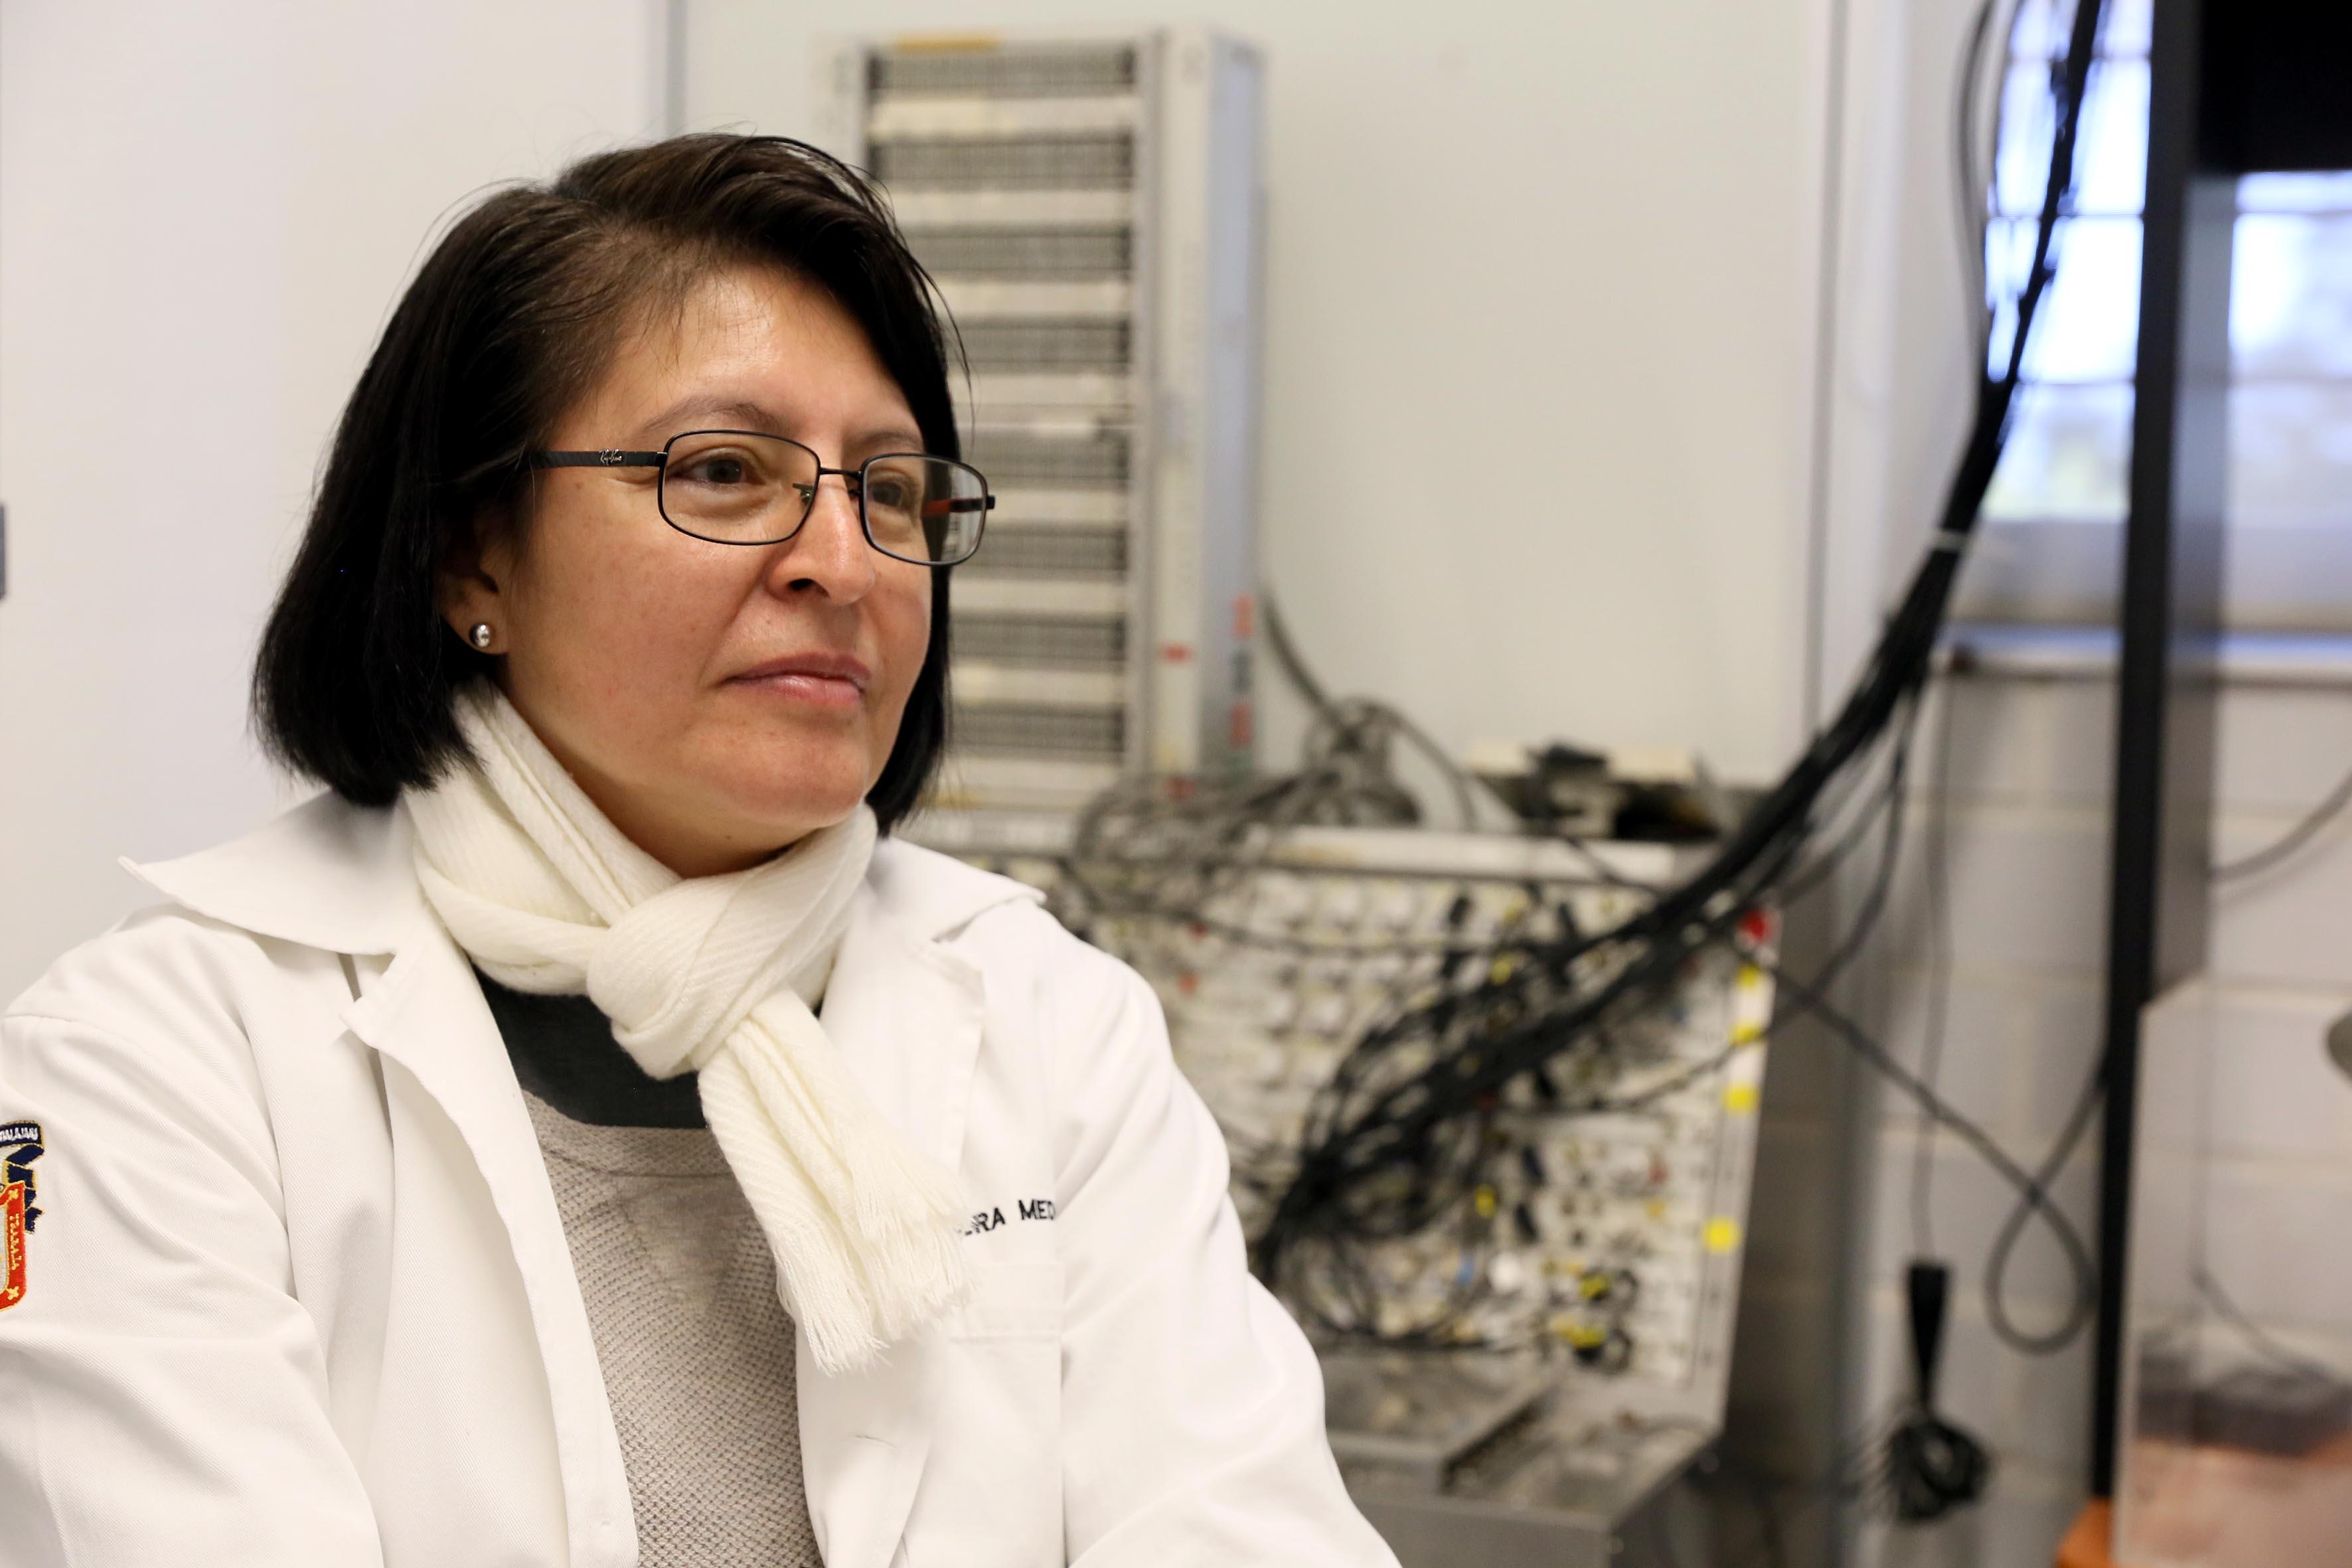 Doctora Laura Guadalupe Medina Ceja, académica adscrita al Laboratorio de Neurofisiología del CUCBA.